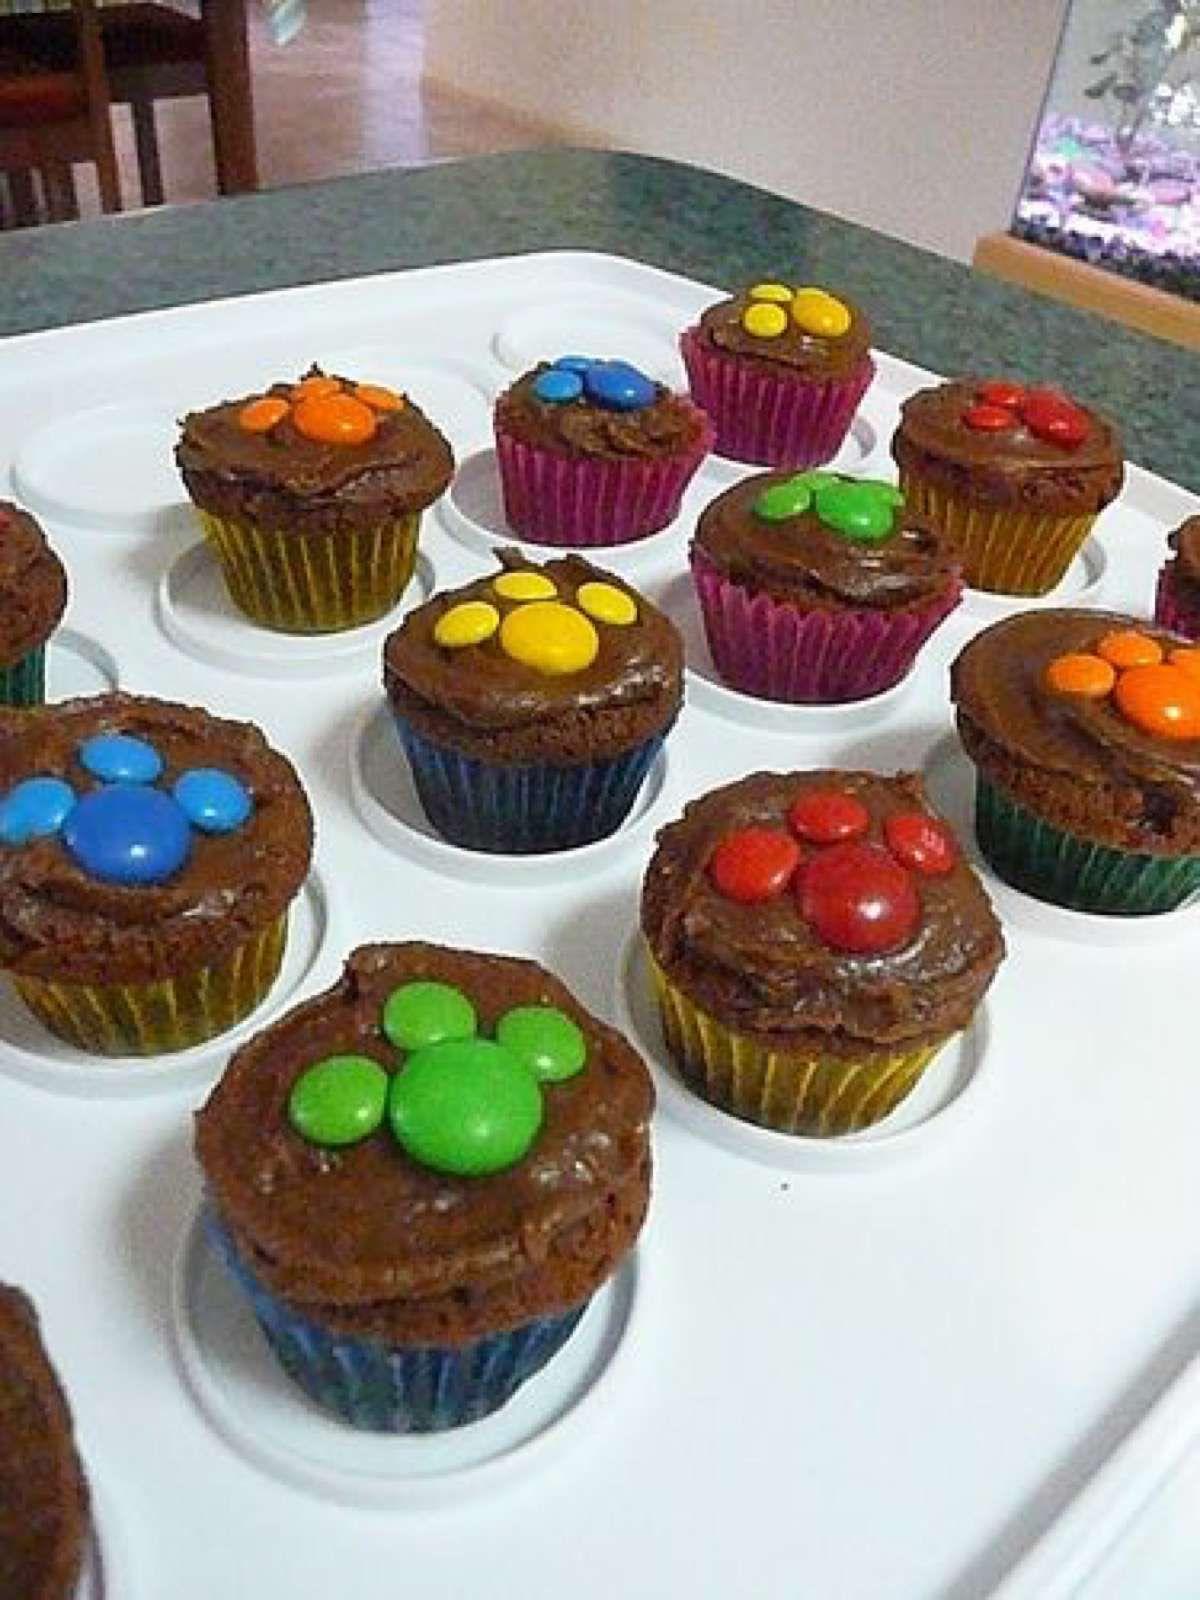 cupcakes con rocklets normal y mini para hacer la patita pawpatrol valen pinterest. Black Bedroom Furniture Sets. Home Design Ideas